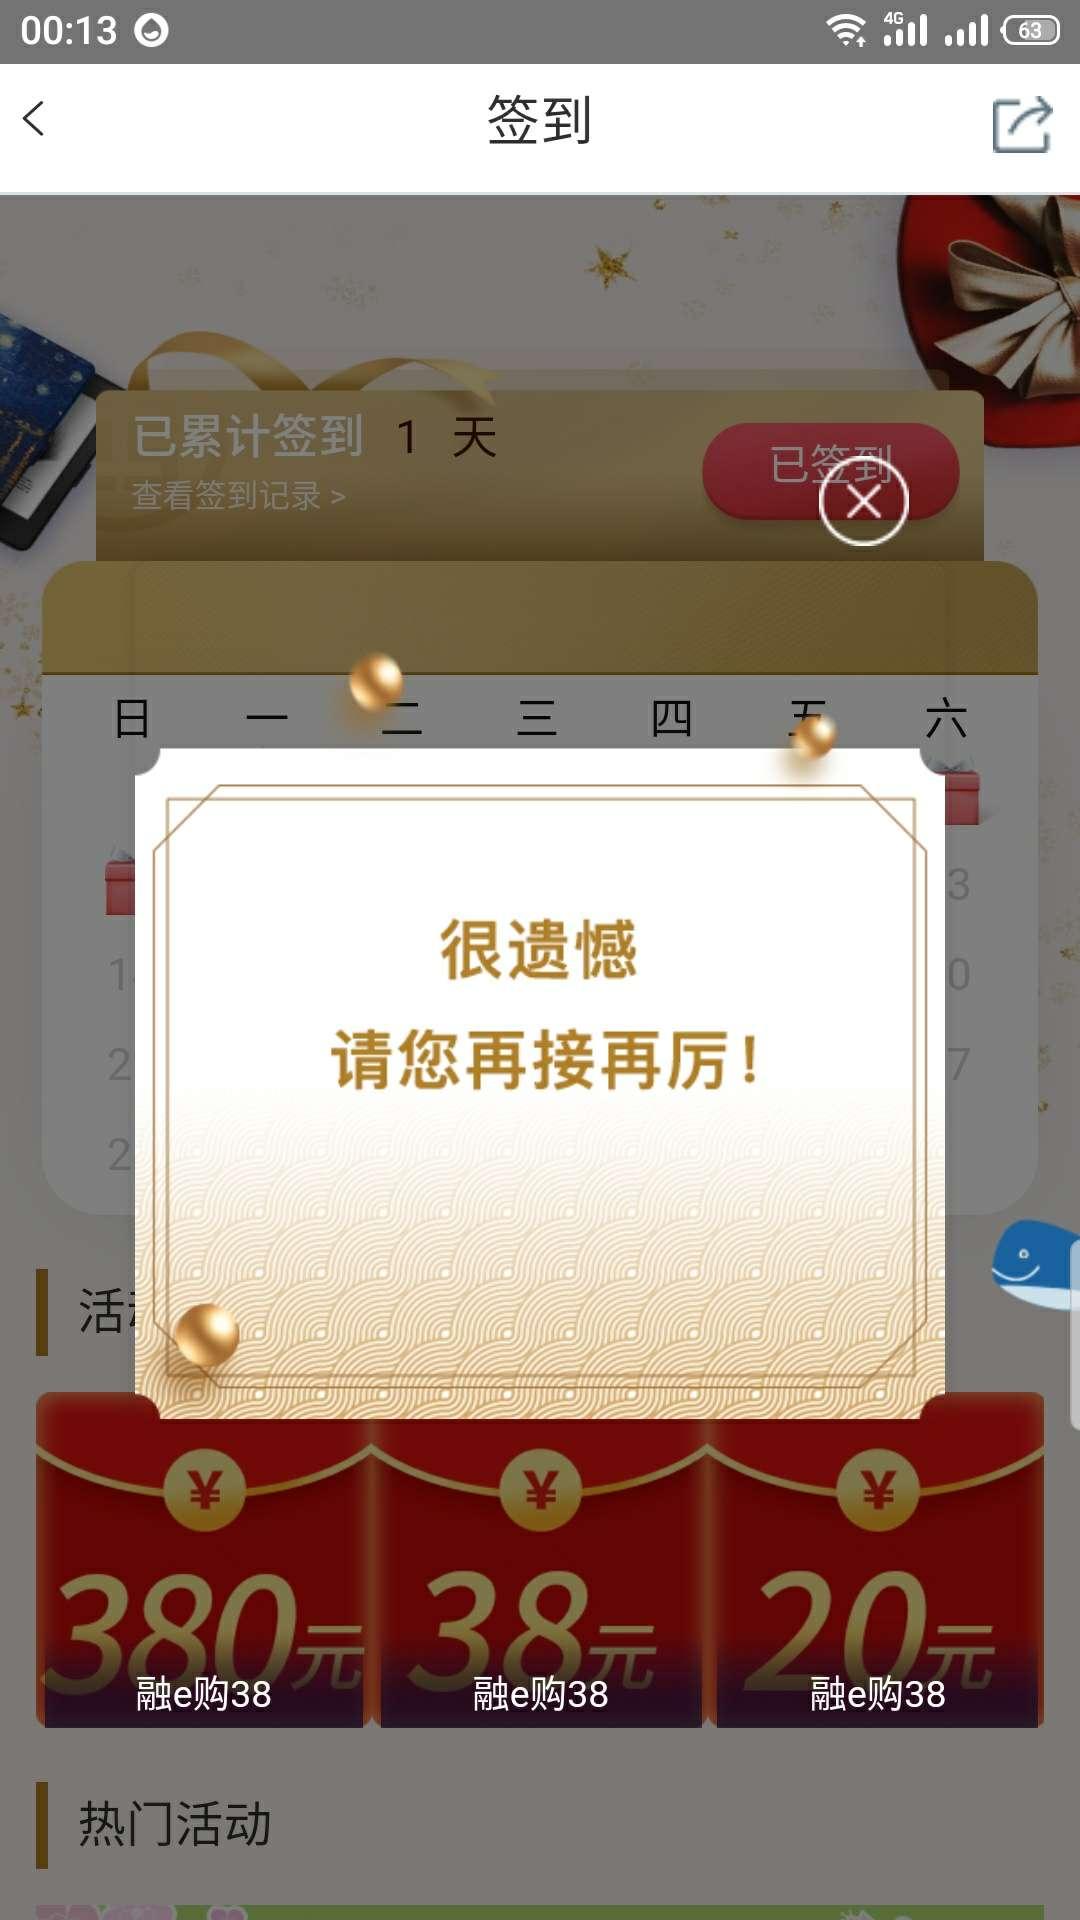 融e购APP0元购实物插图3